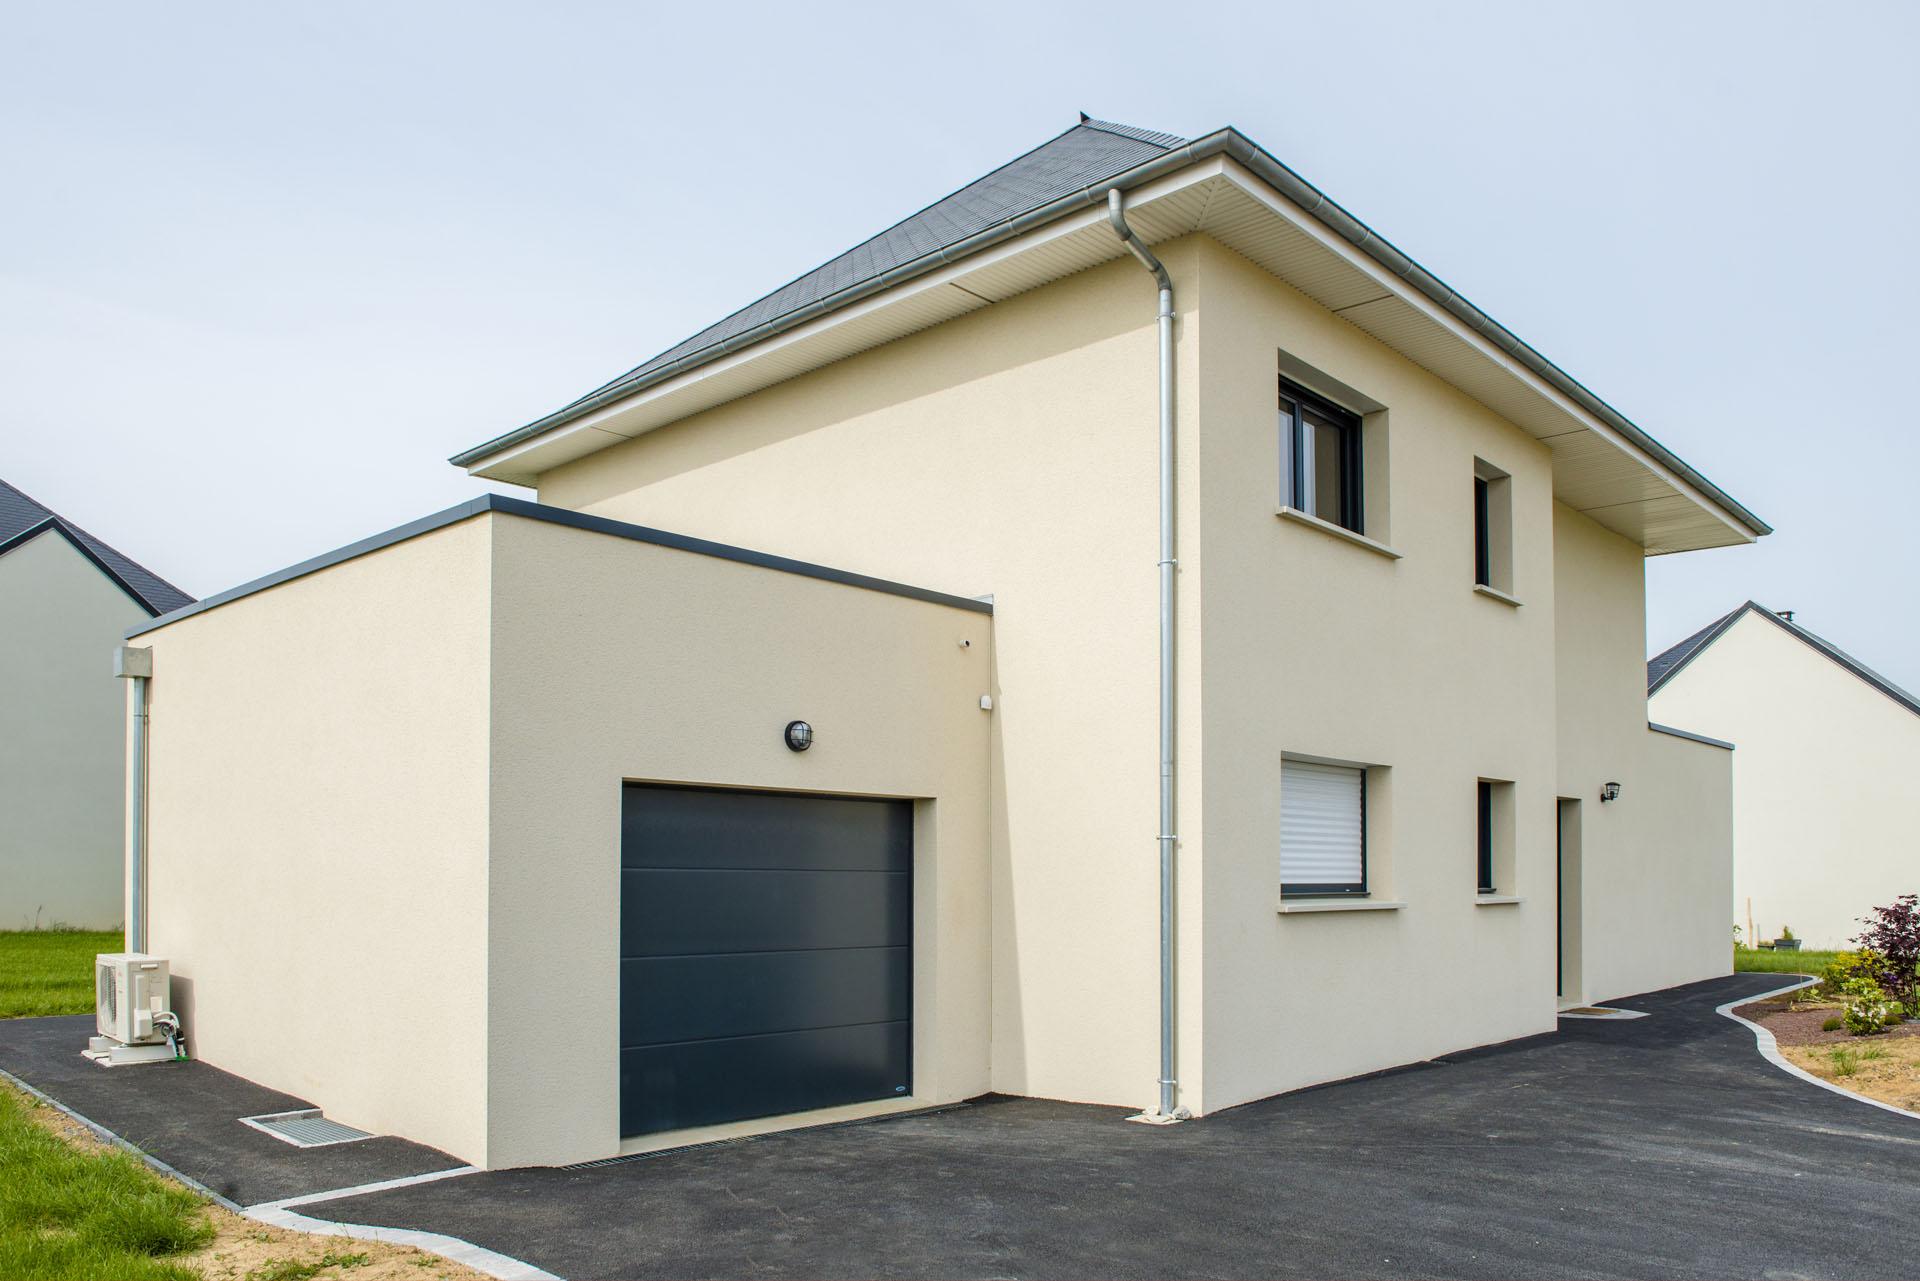 Maison personnalisée 2019 – 9